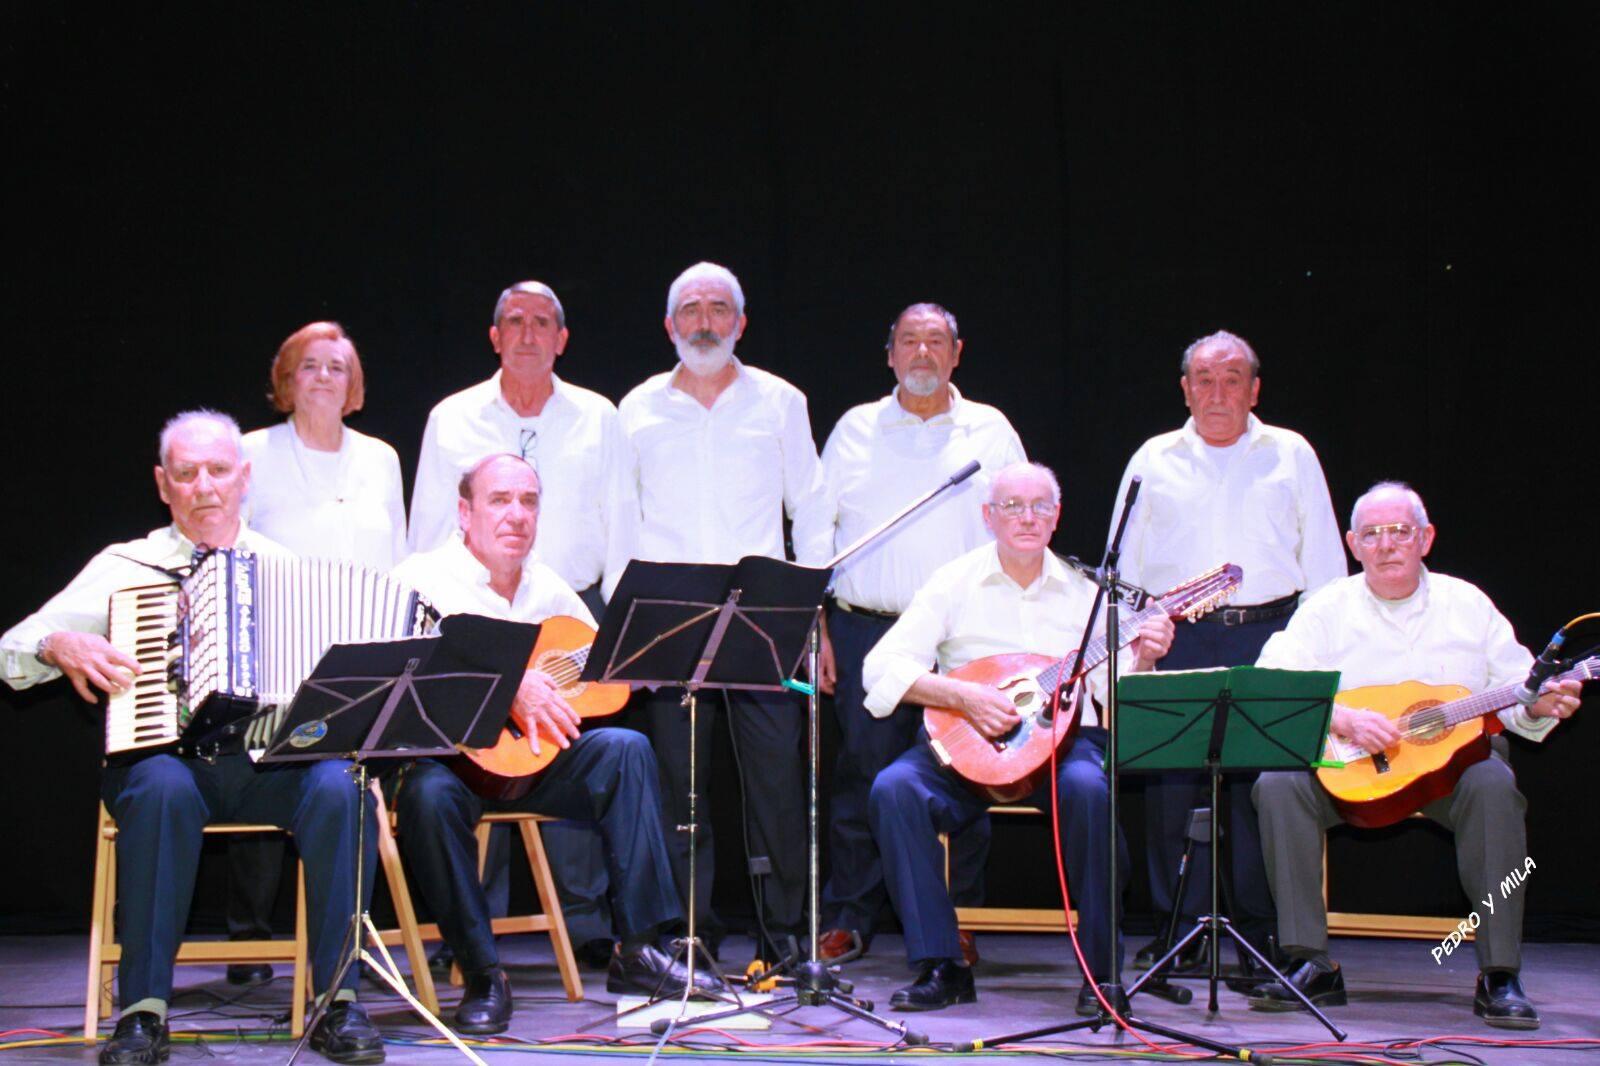 MUSICA Y VOCES DE SIEMPRE